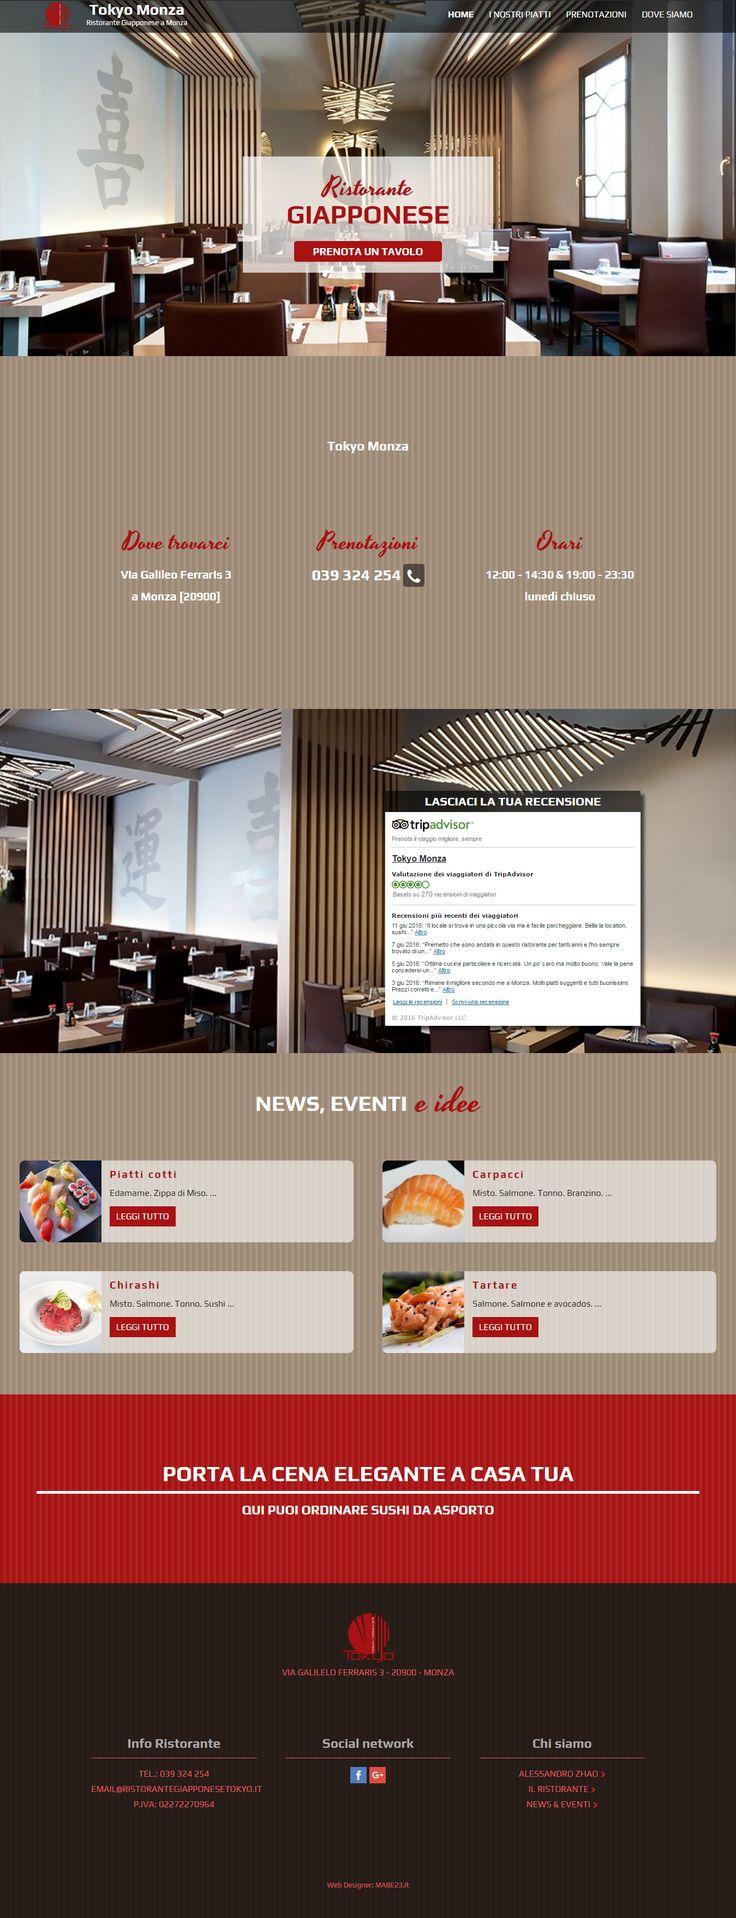 Sito web business per ristorante Tokyo. #webdesign #wordpress #webdesigner